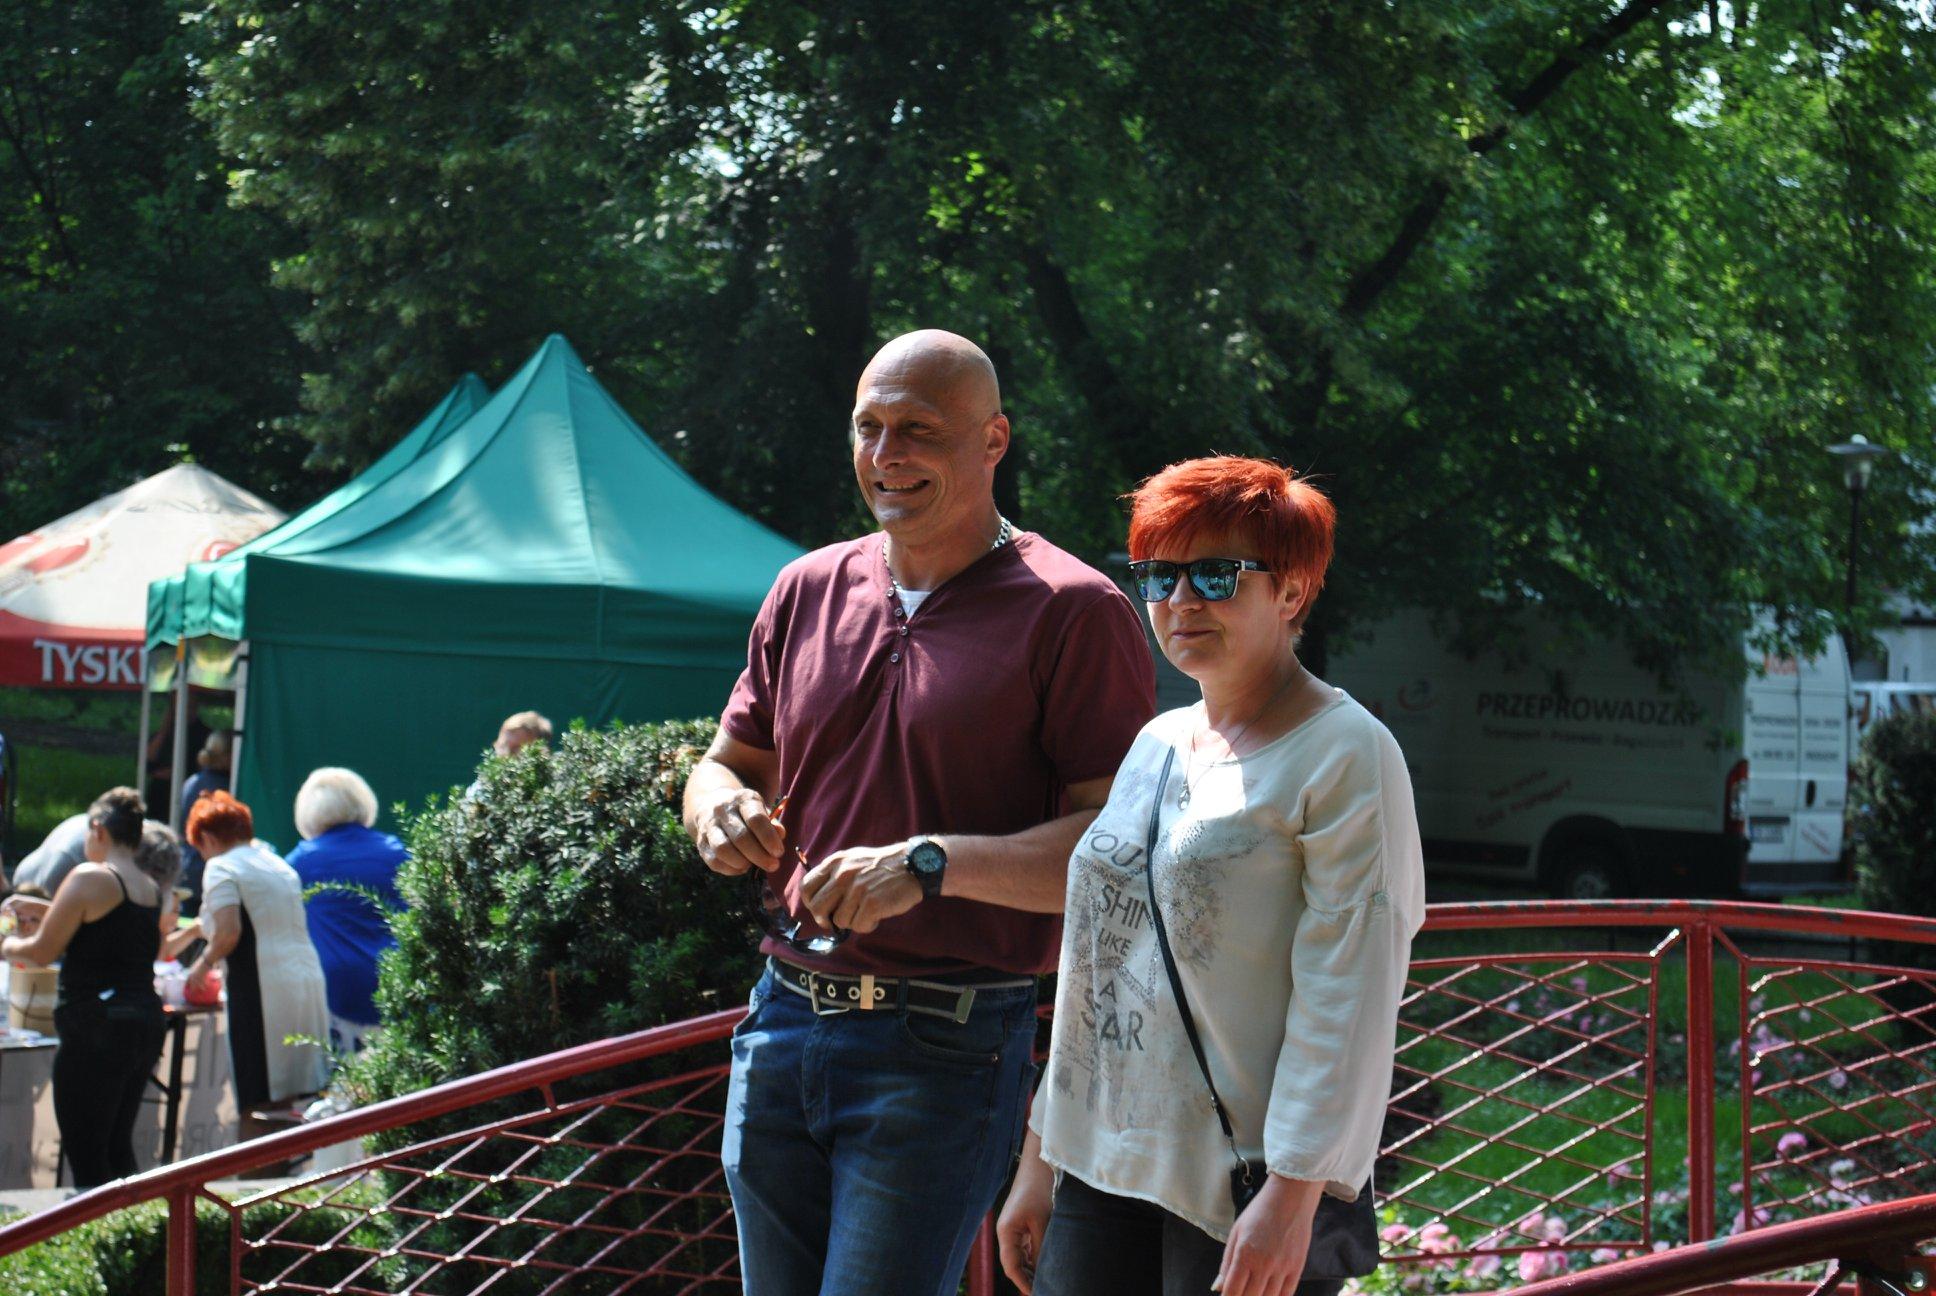 Członek Zarządu KS Rymer - Adam Murek wraz z żoną